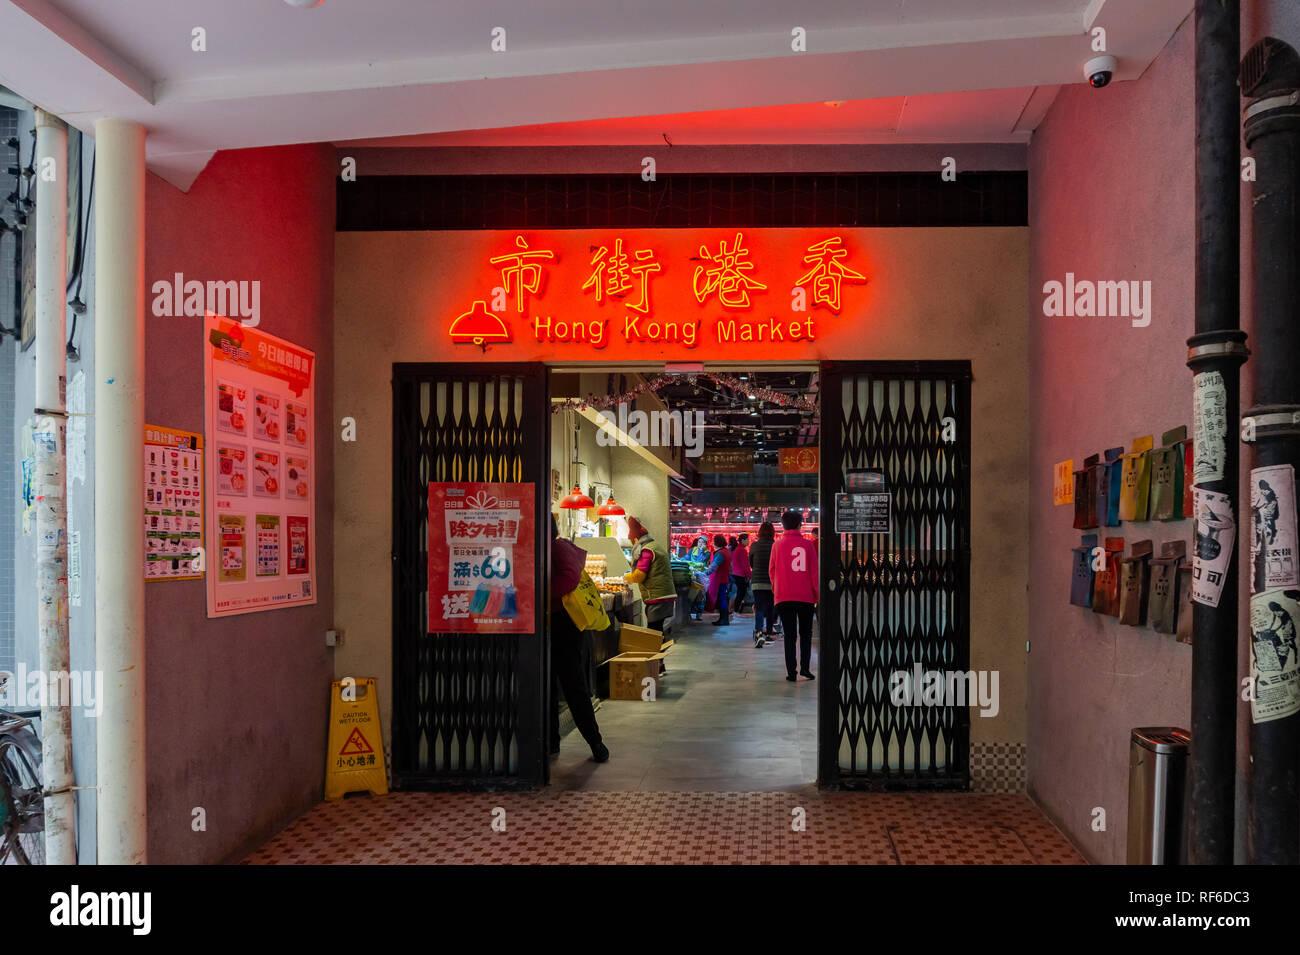 Hong Kong, DEC 31: Exterior view of the Hong Kong Market - Yat Tung on DEC 31, 2018 at Hong Kong - Stock Image